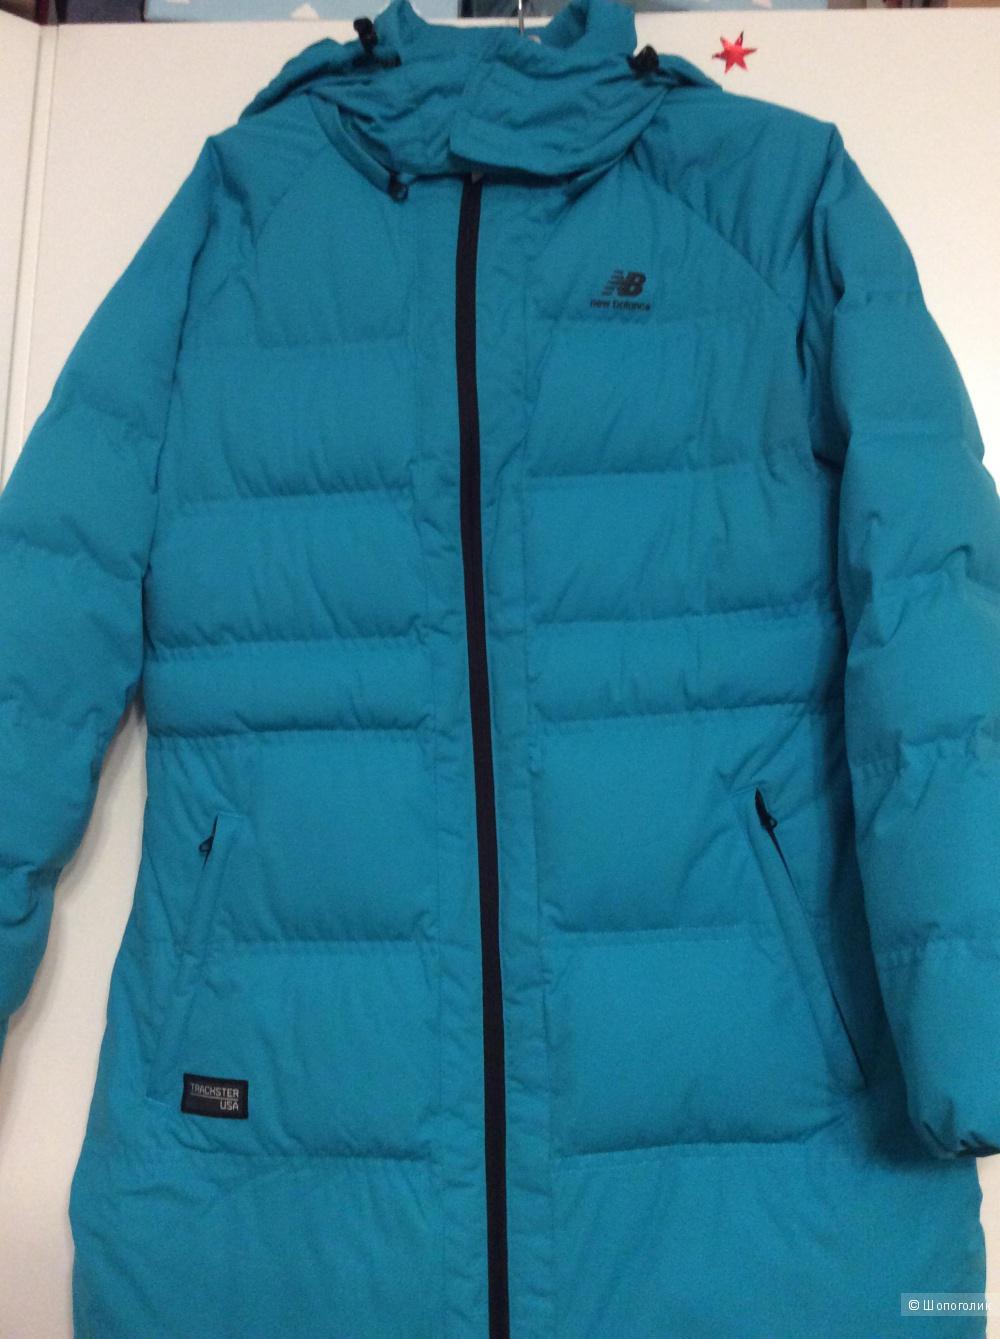 Куртка New balance размер M